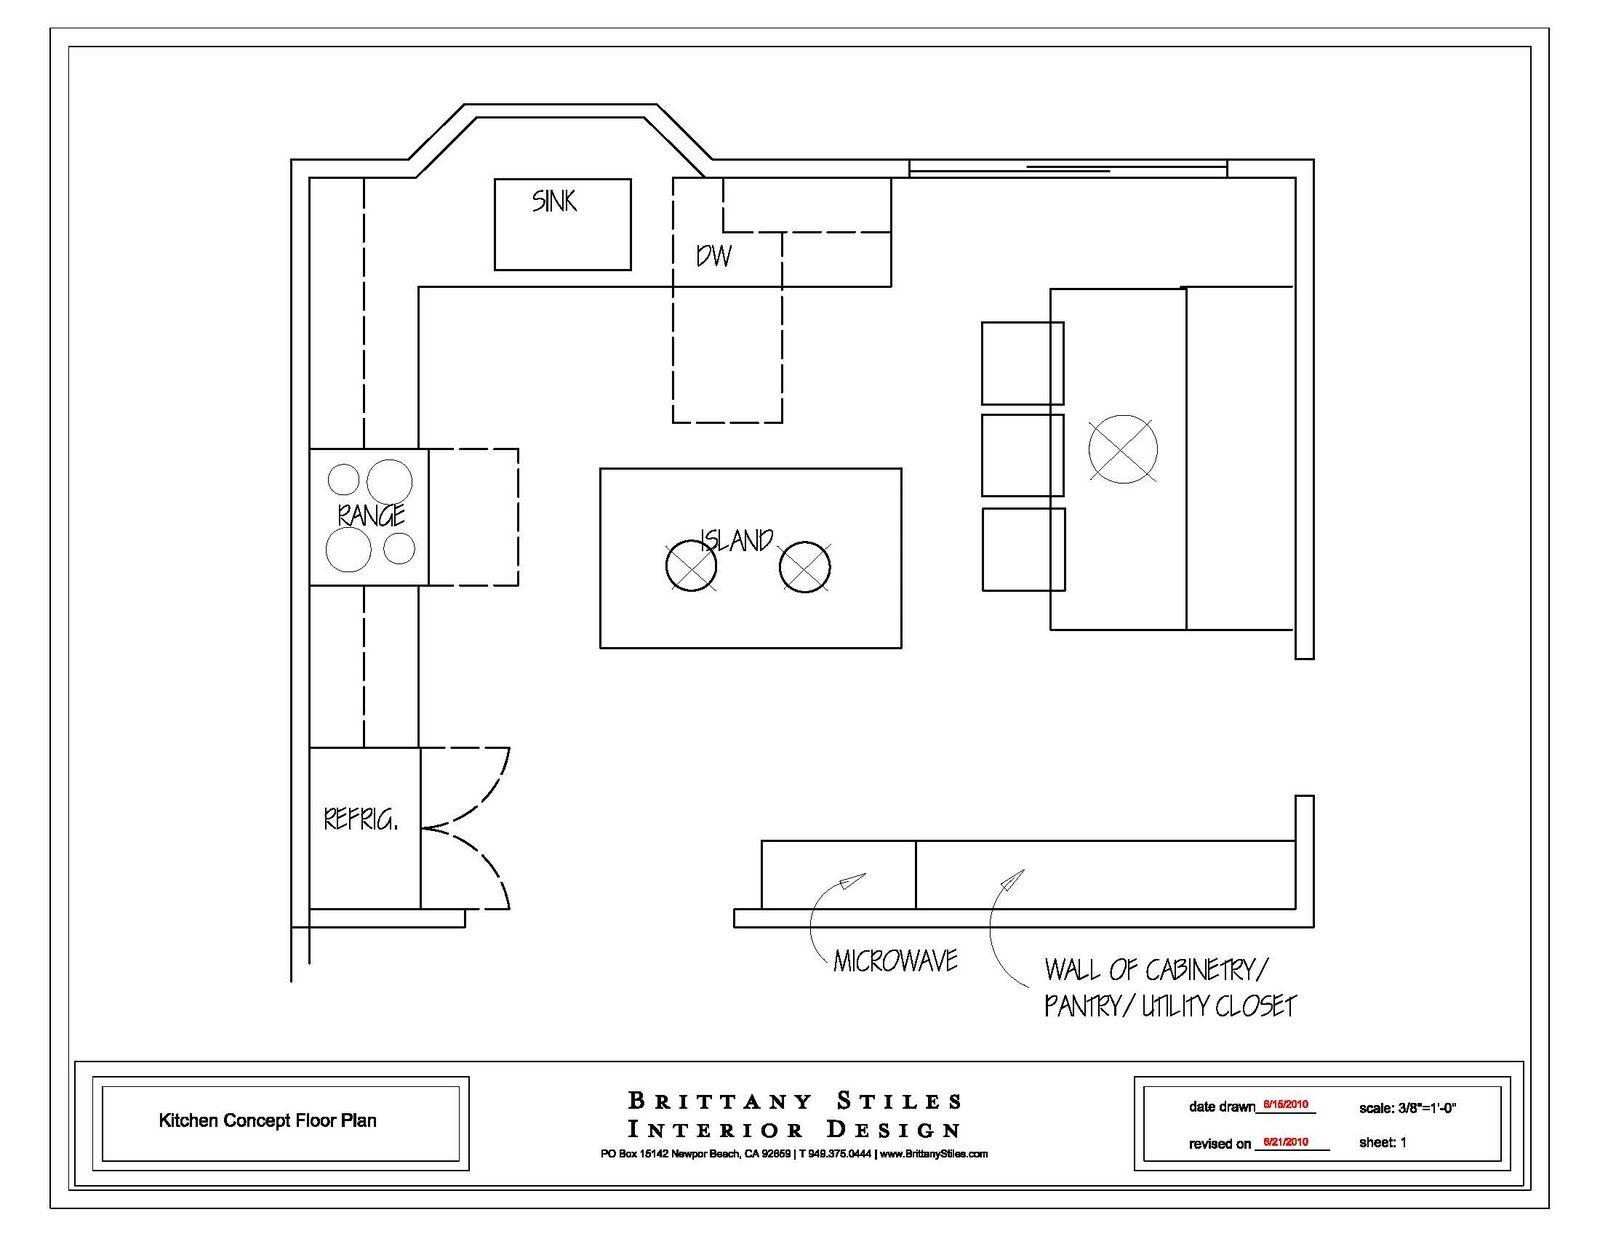 Brittany Stiles Newport Beach Kitchen Progress Kitchen Layout Plans Kitchen Remodel Layout Kitchen Floor Plans